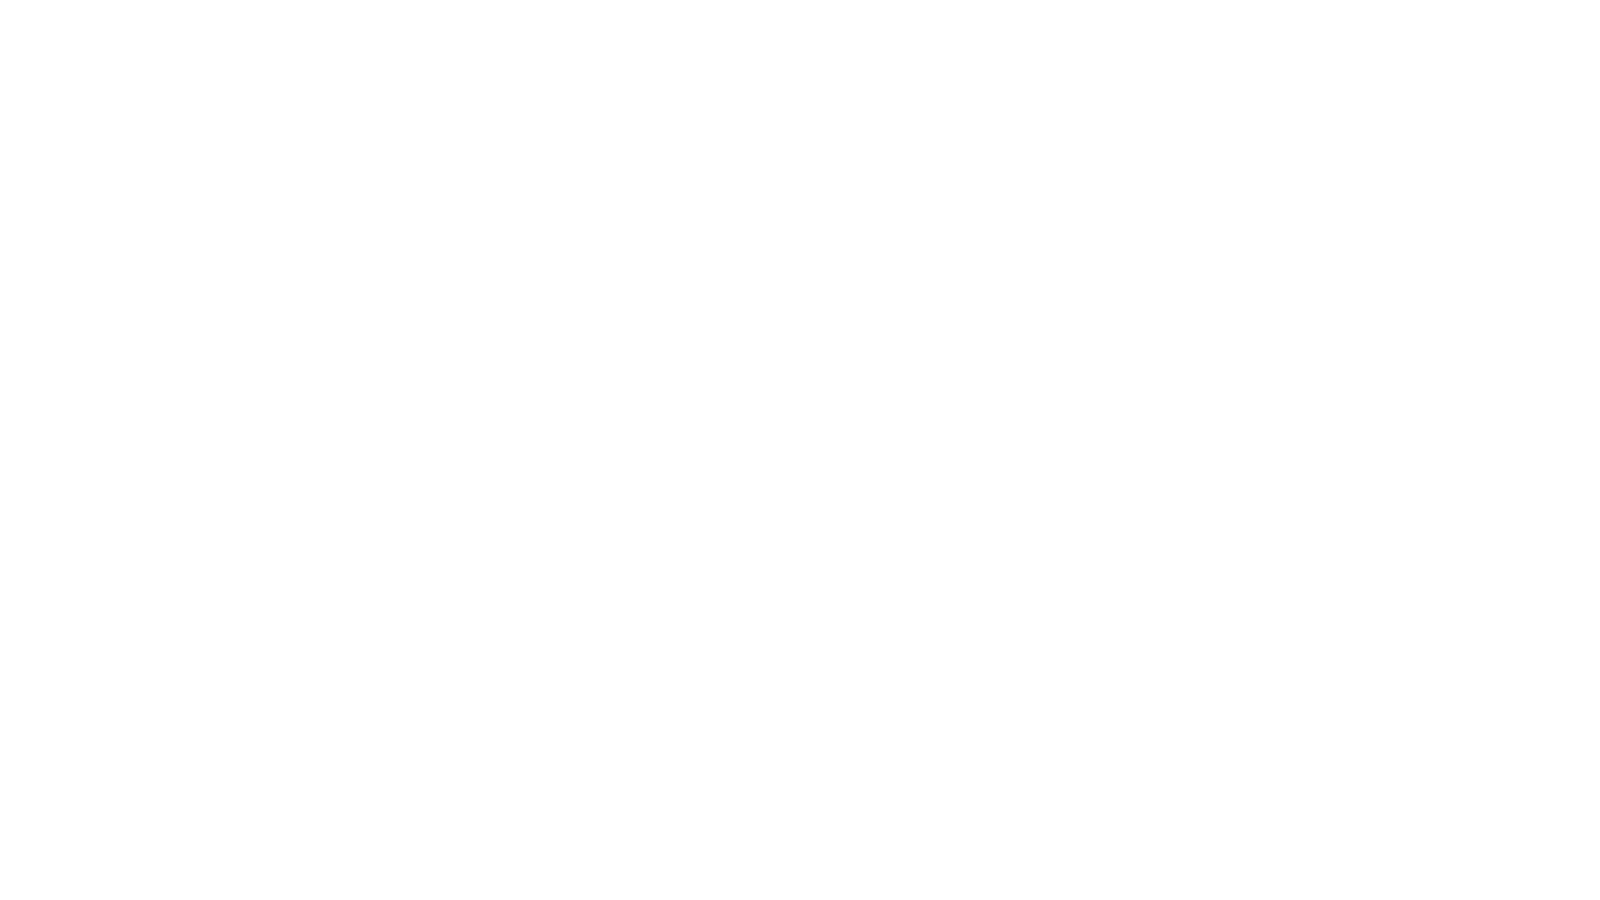 La Elongación o deformación de las secciones del Cabezal durante el proceso de Inyección de Vapor, es causada por la pérdida de calor transmitida a través del revestimiento.